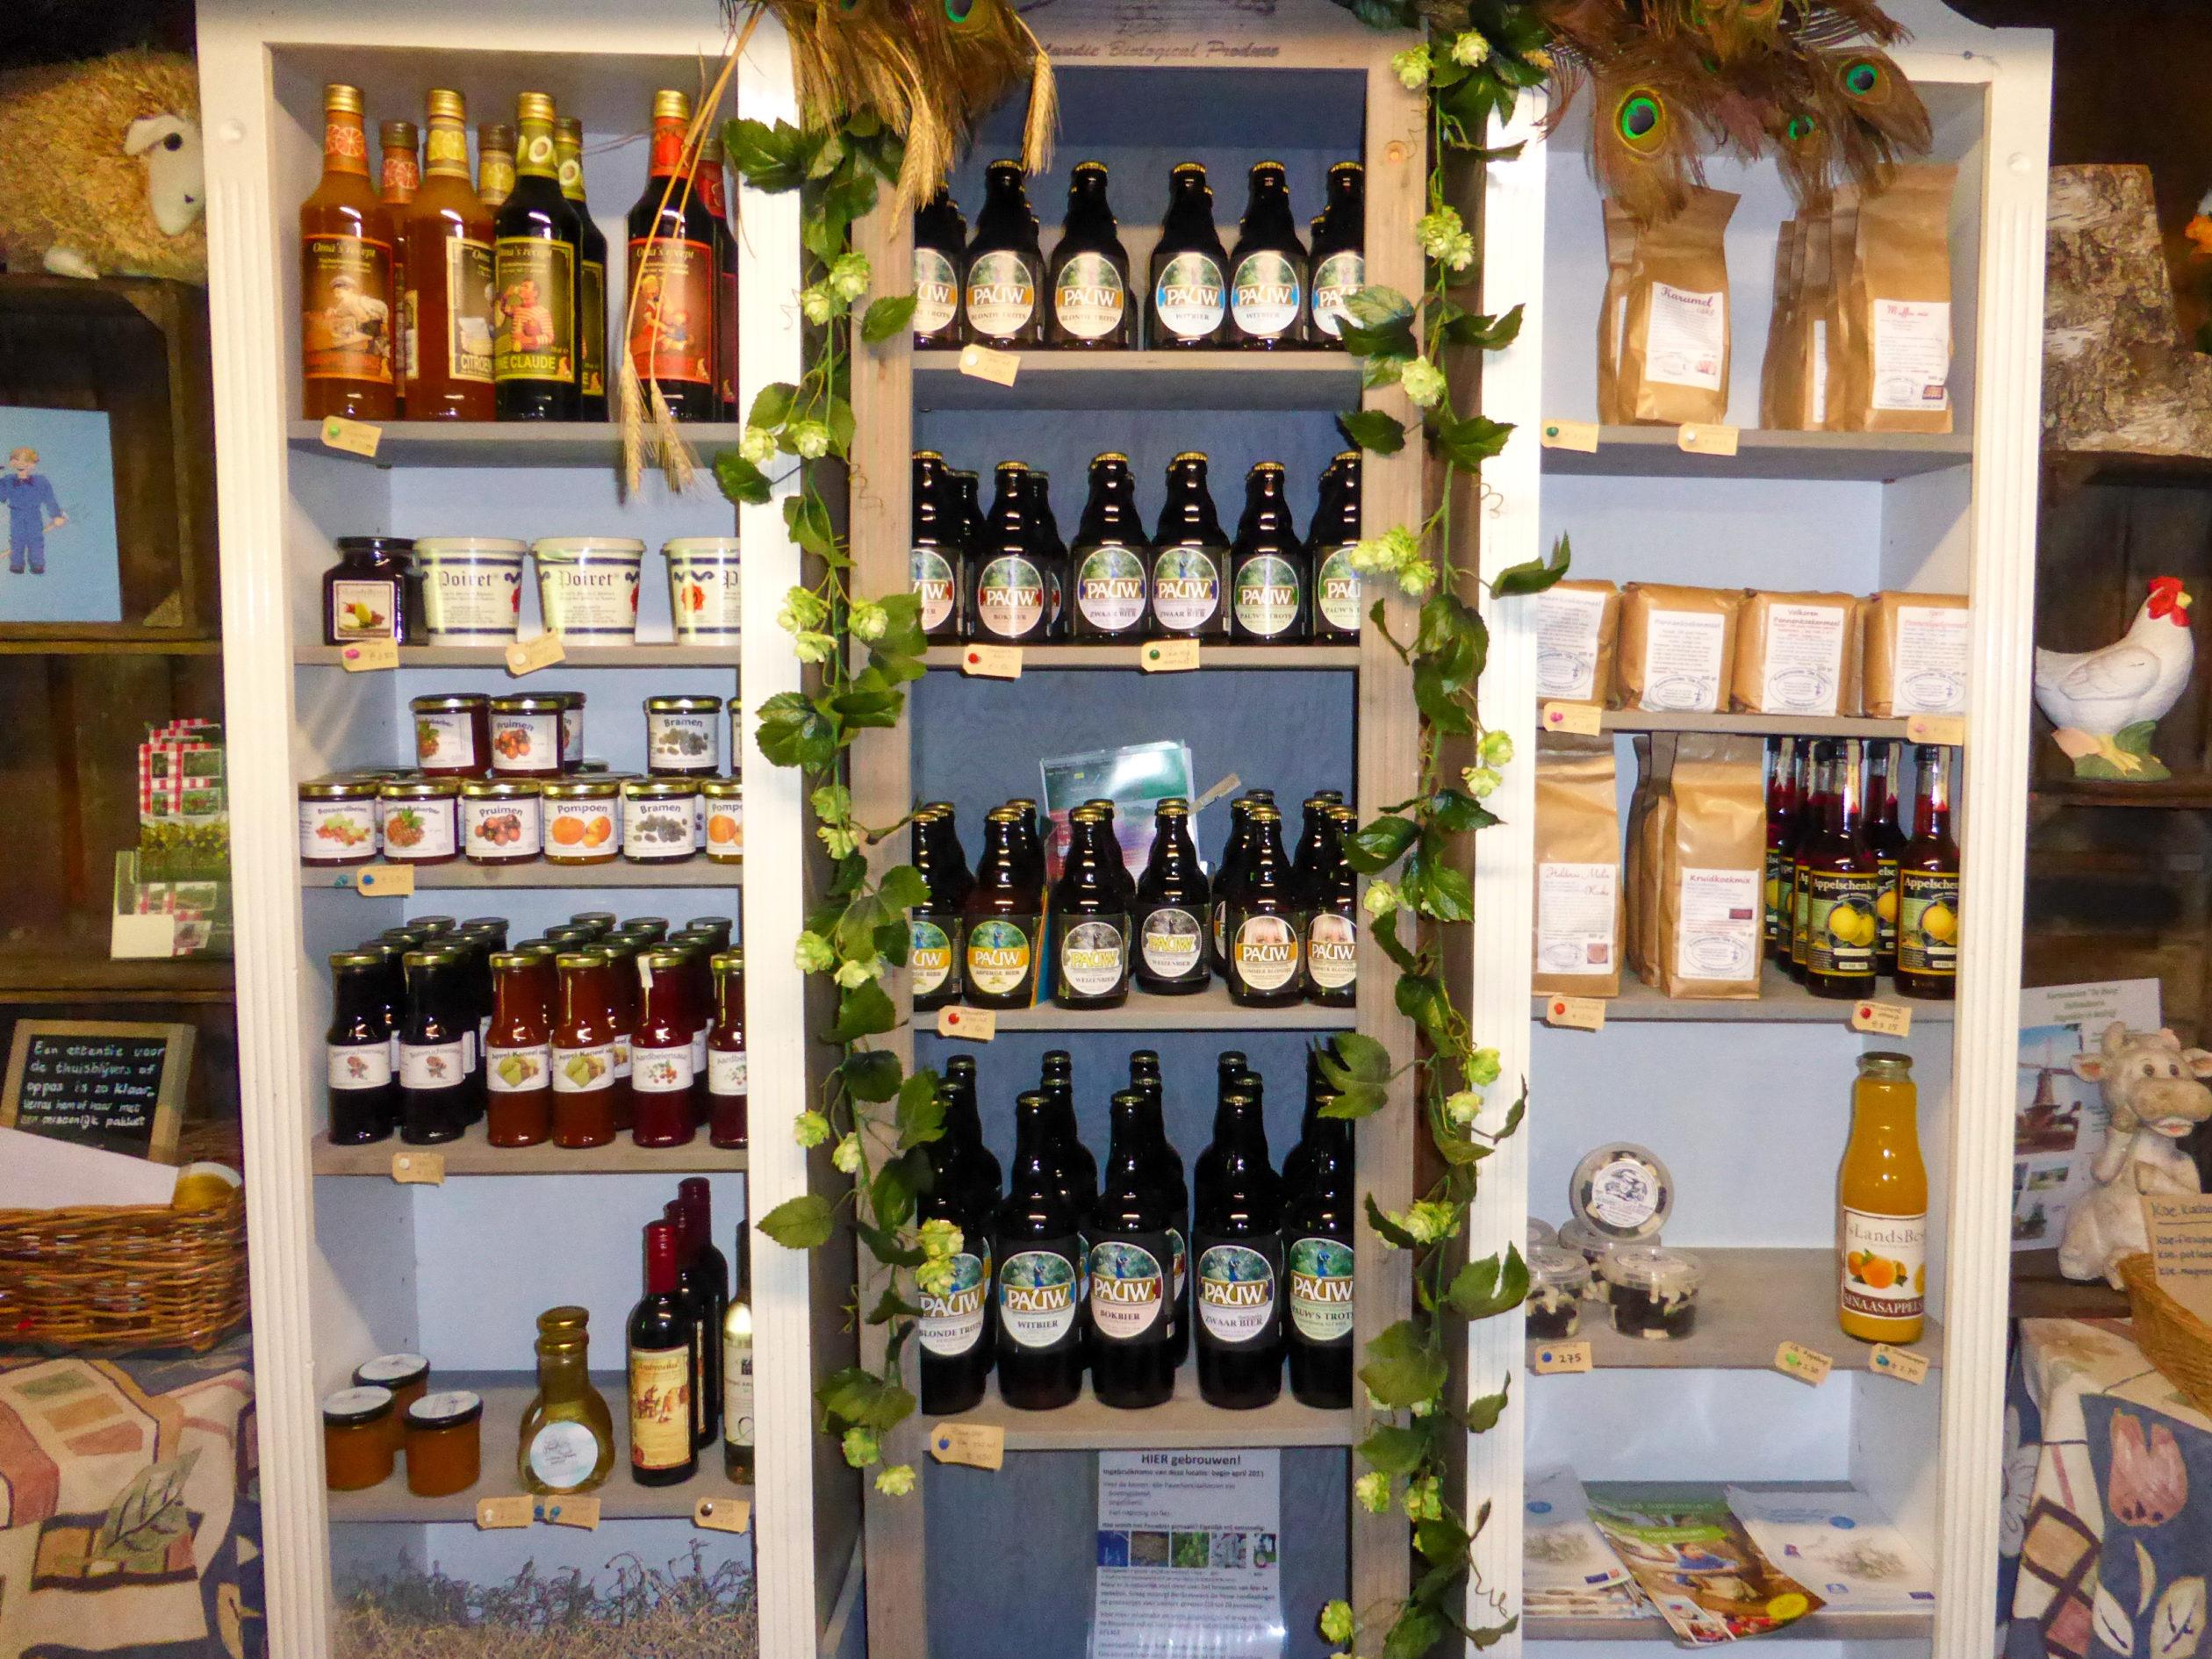 Lokale Produkte im Hofladen eines Bauernhofs im niederländischen Overijssel